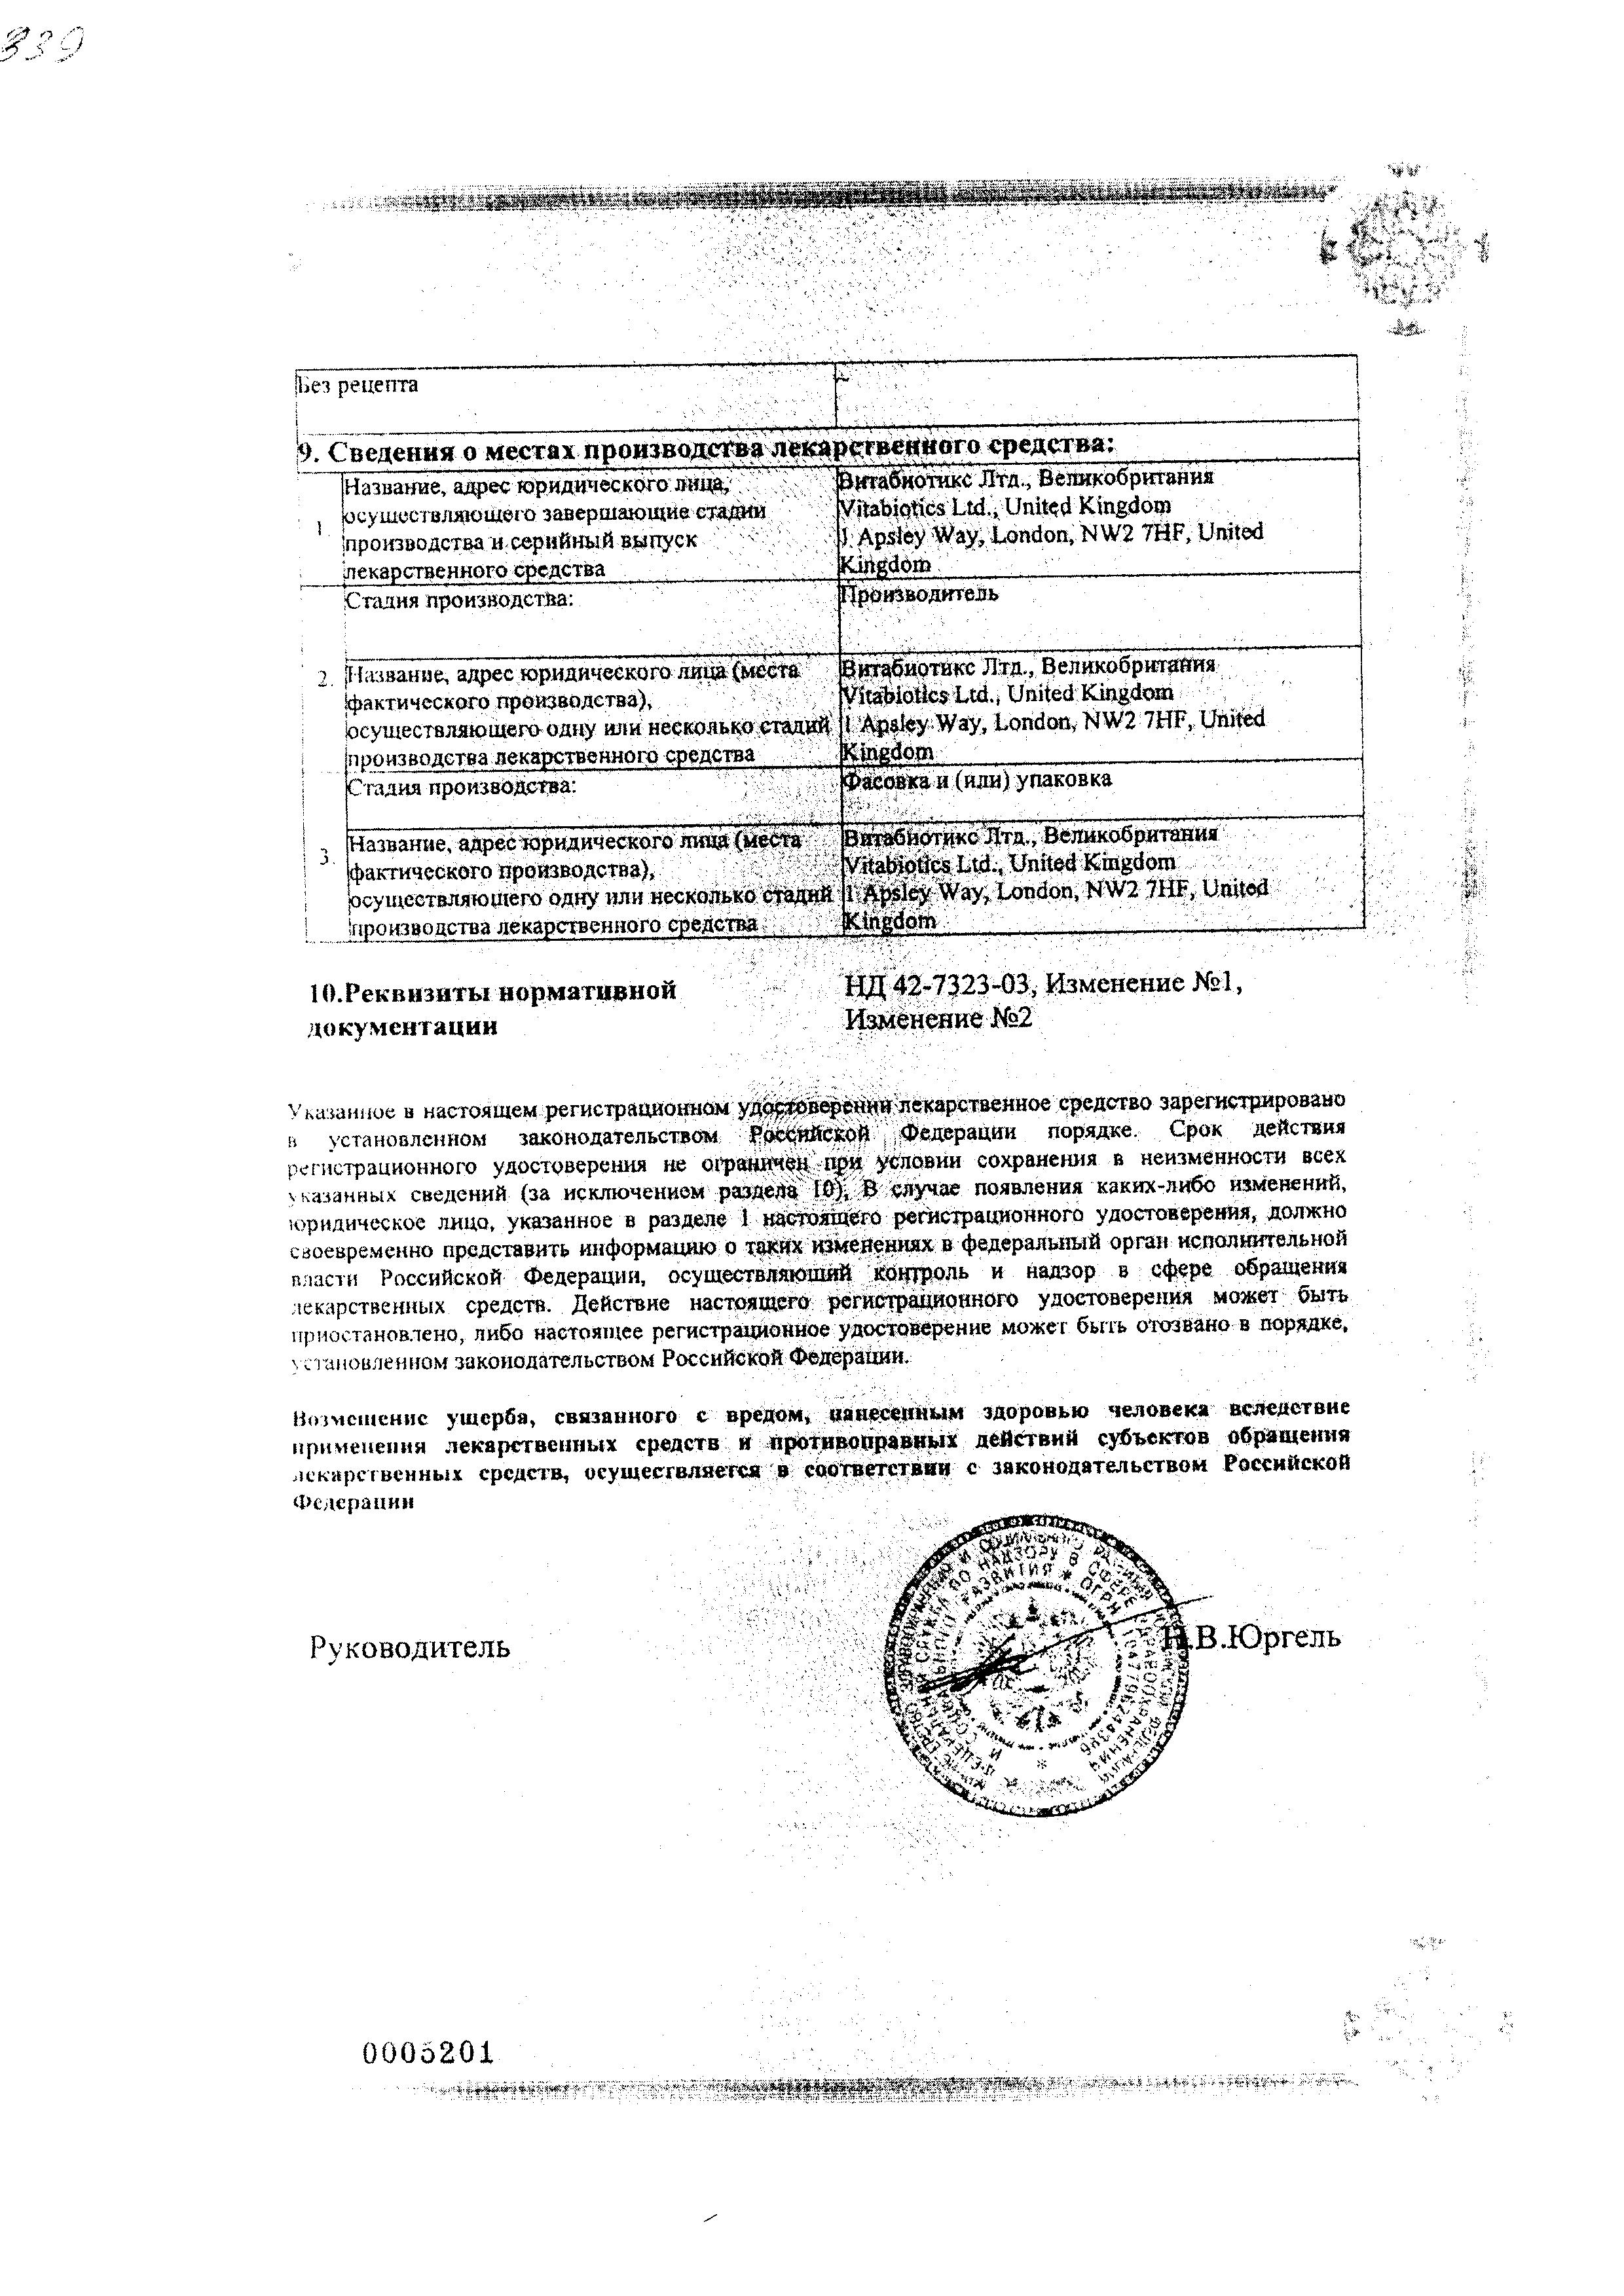 Прегнакеа сертификат